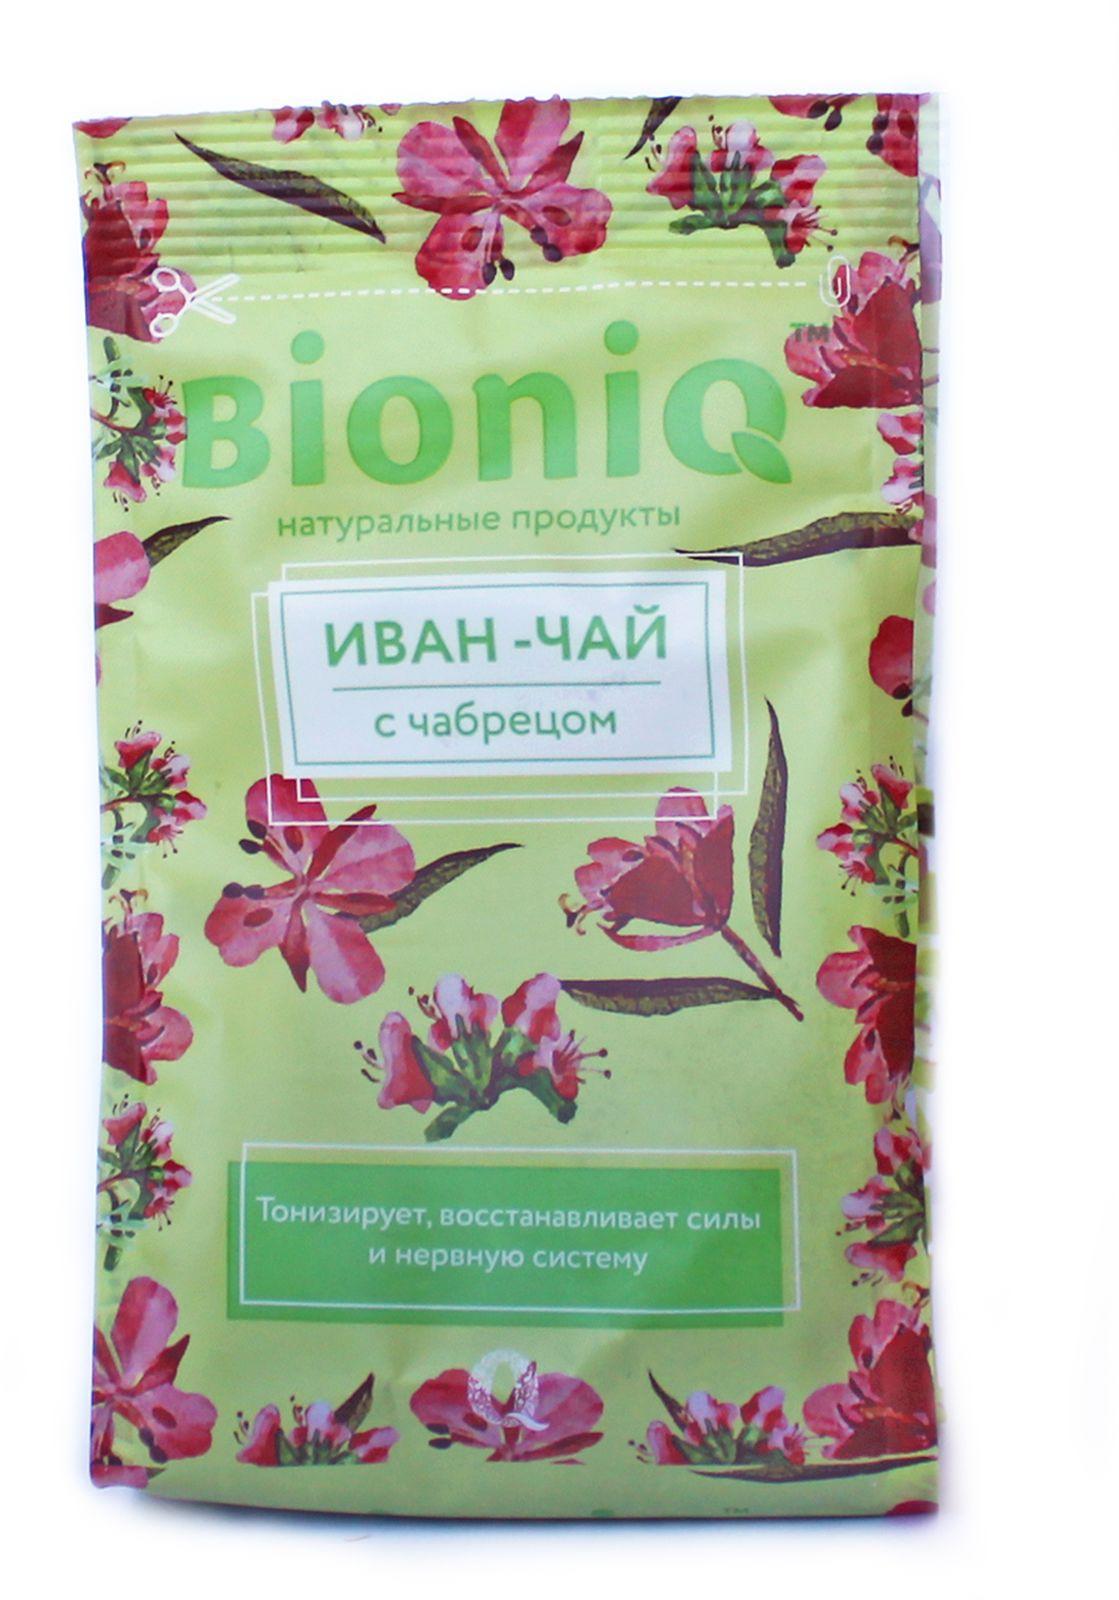 Иван-чай BioniQ, с чабрецом, 35 г компот bioniq смородиновый 0 48 0 5 л